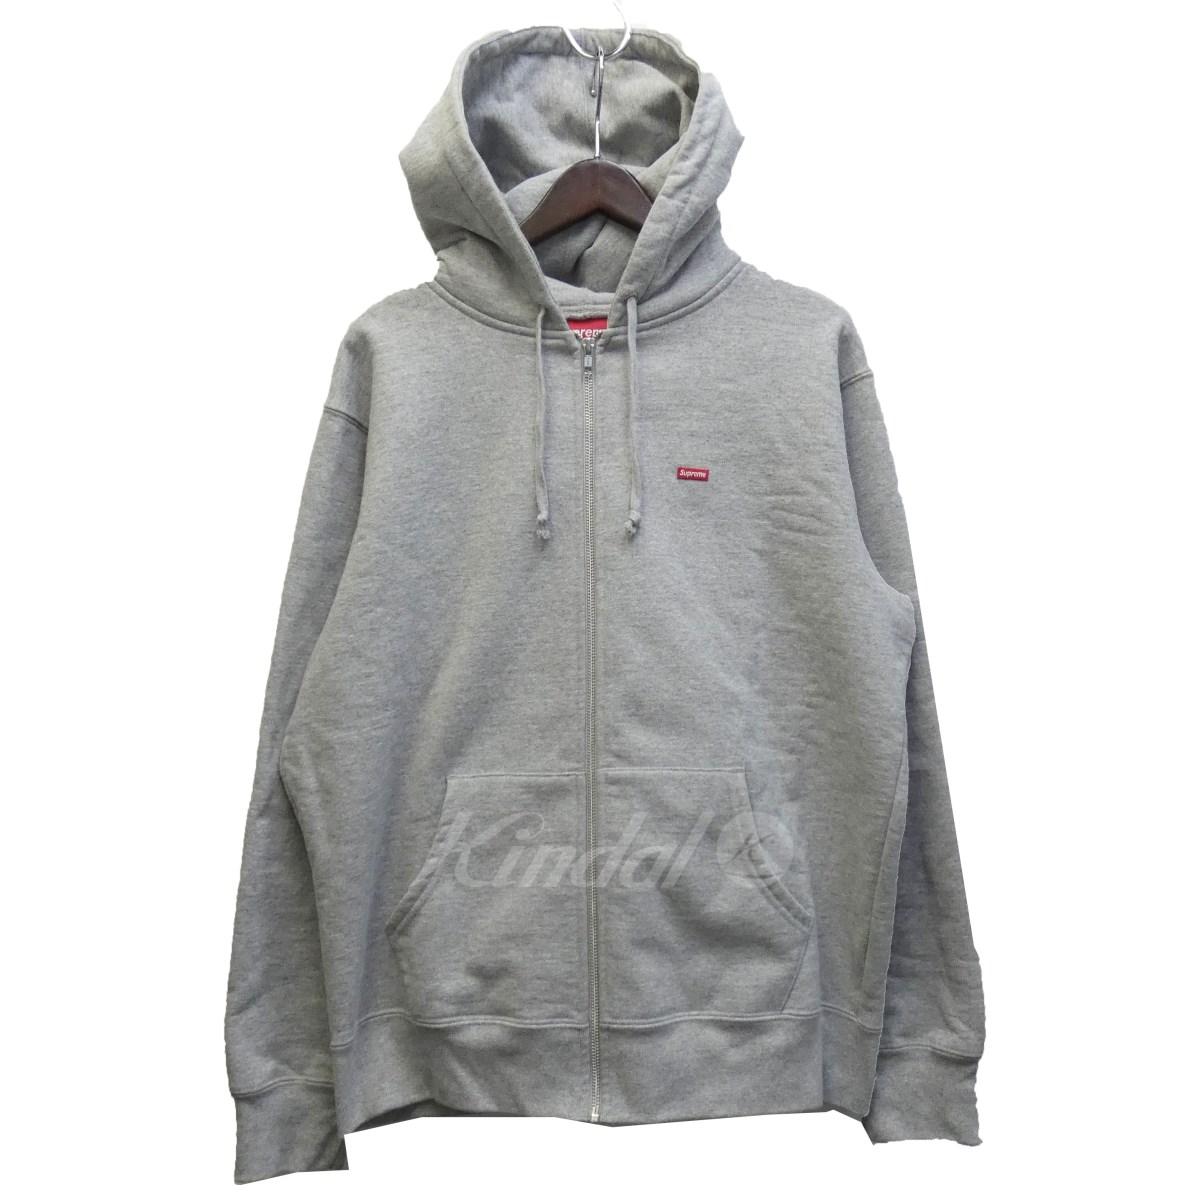 【中古】SUPREME 「Small Box Zip Up Sweatshirt」 スモールボックスロゴジップパーカー グレー サイズ:L 【送料無料】 【201018】(シュプリーム)